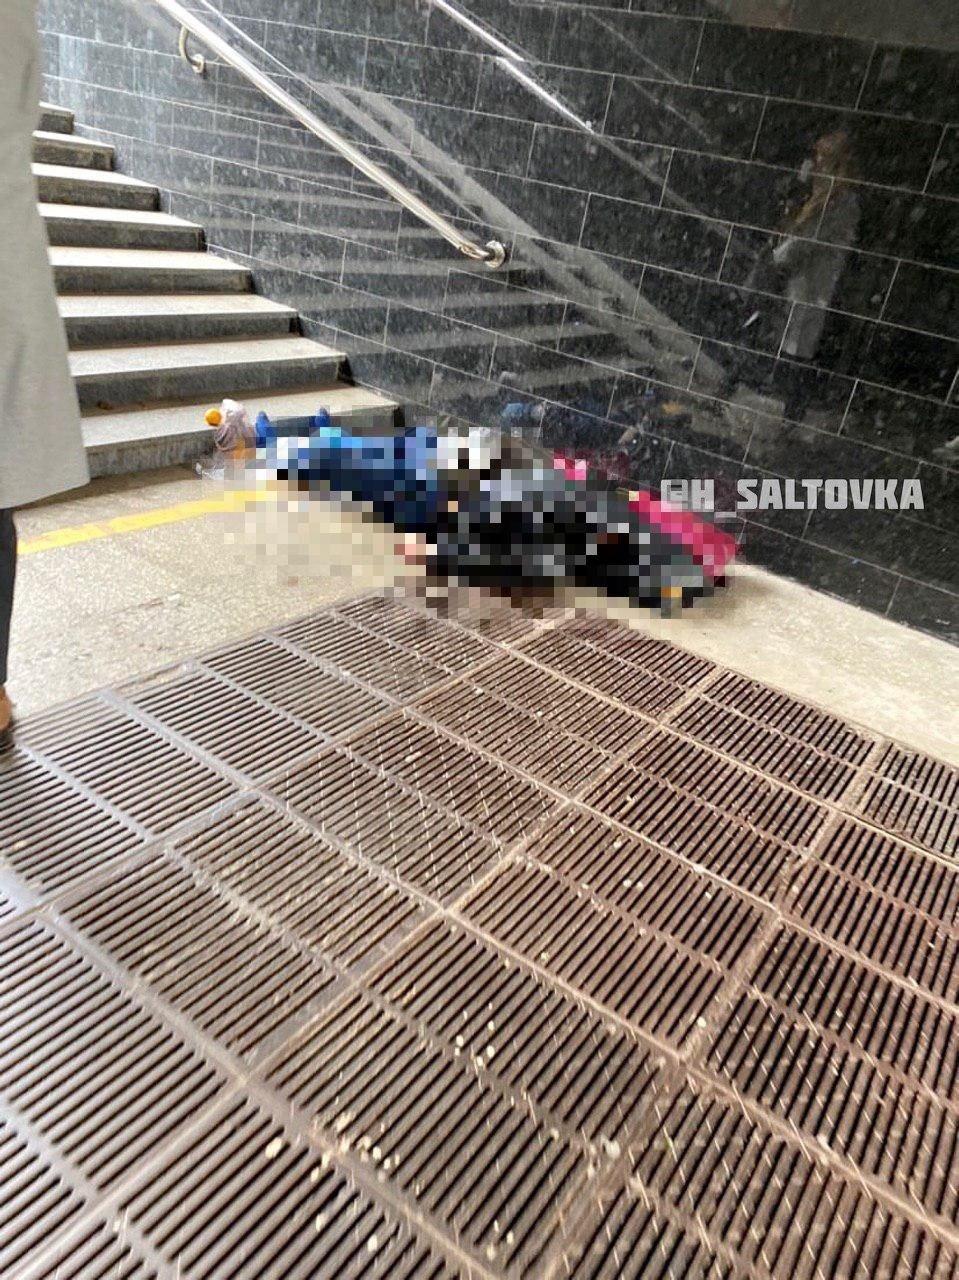 В переходе одной из станций Харьковского метро умерла женщина, - ФОТО, фото-1